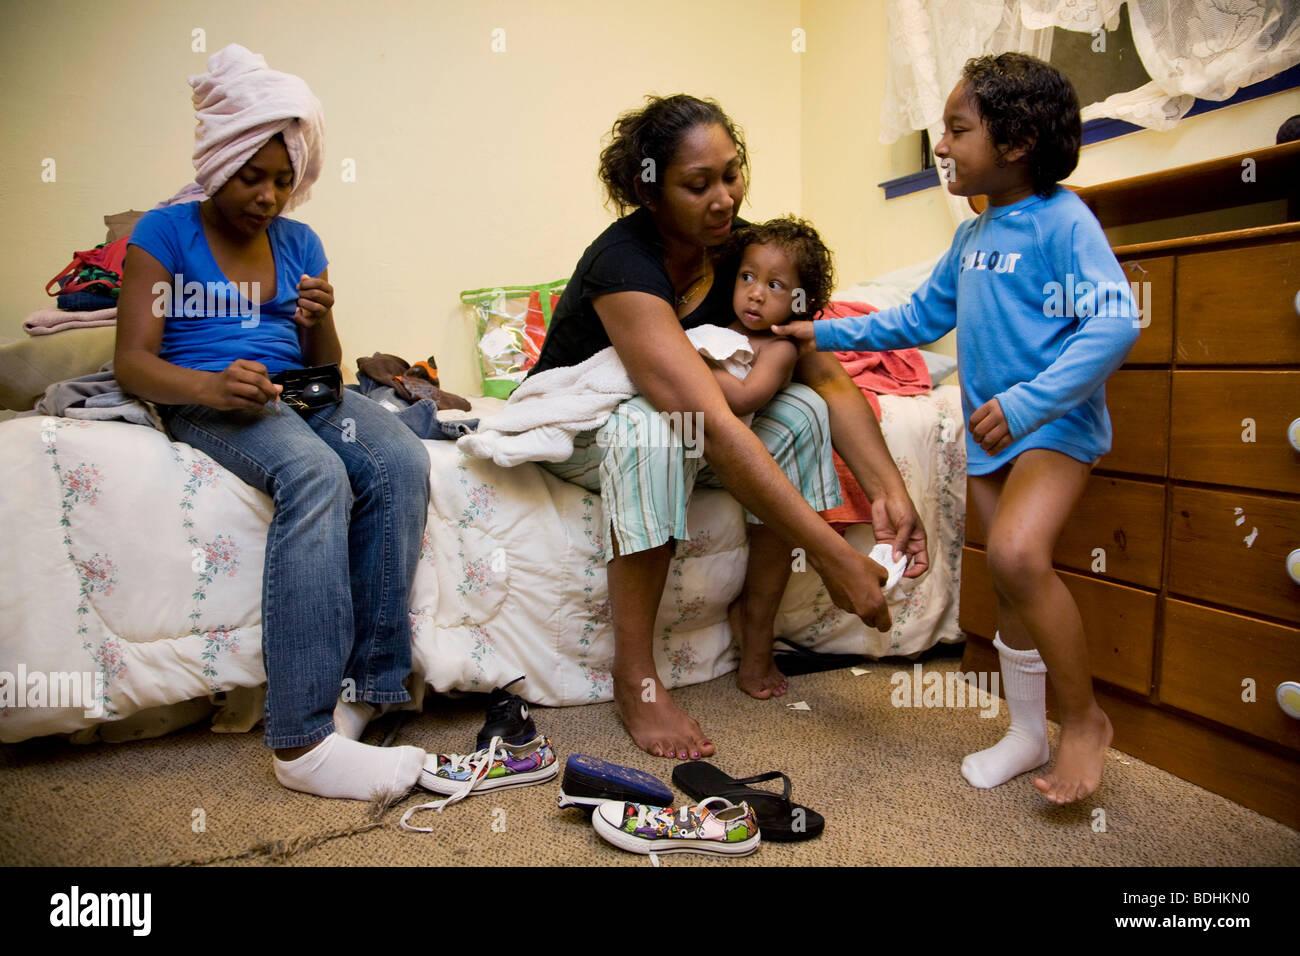 Selena Pina, una casa madre di quattro, ottiene il suo bambini vestiti per la scuola presso la famiglia promette Foto Stock